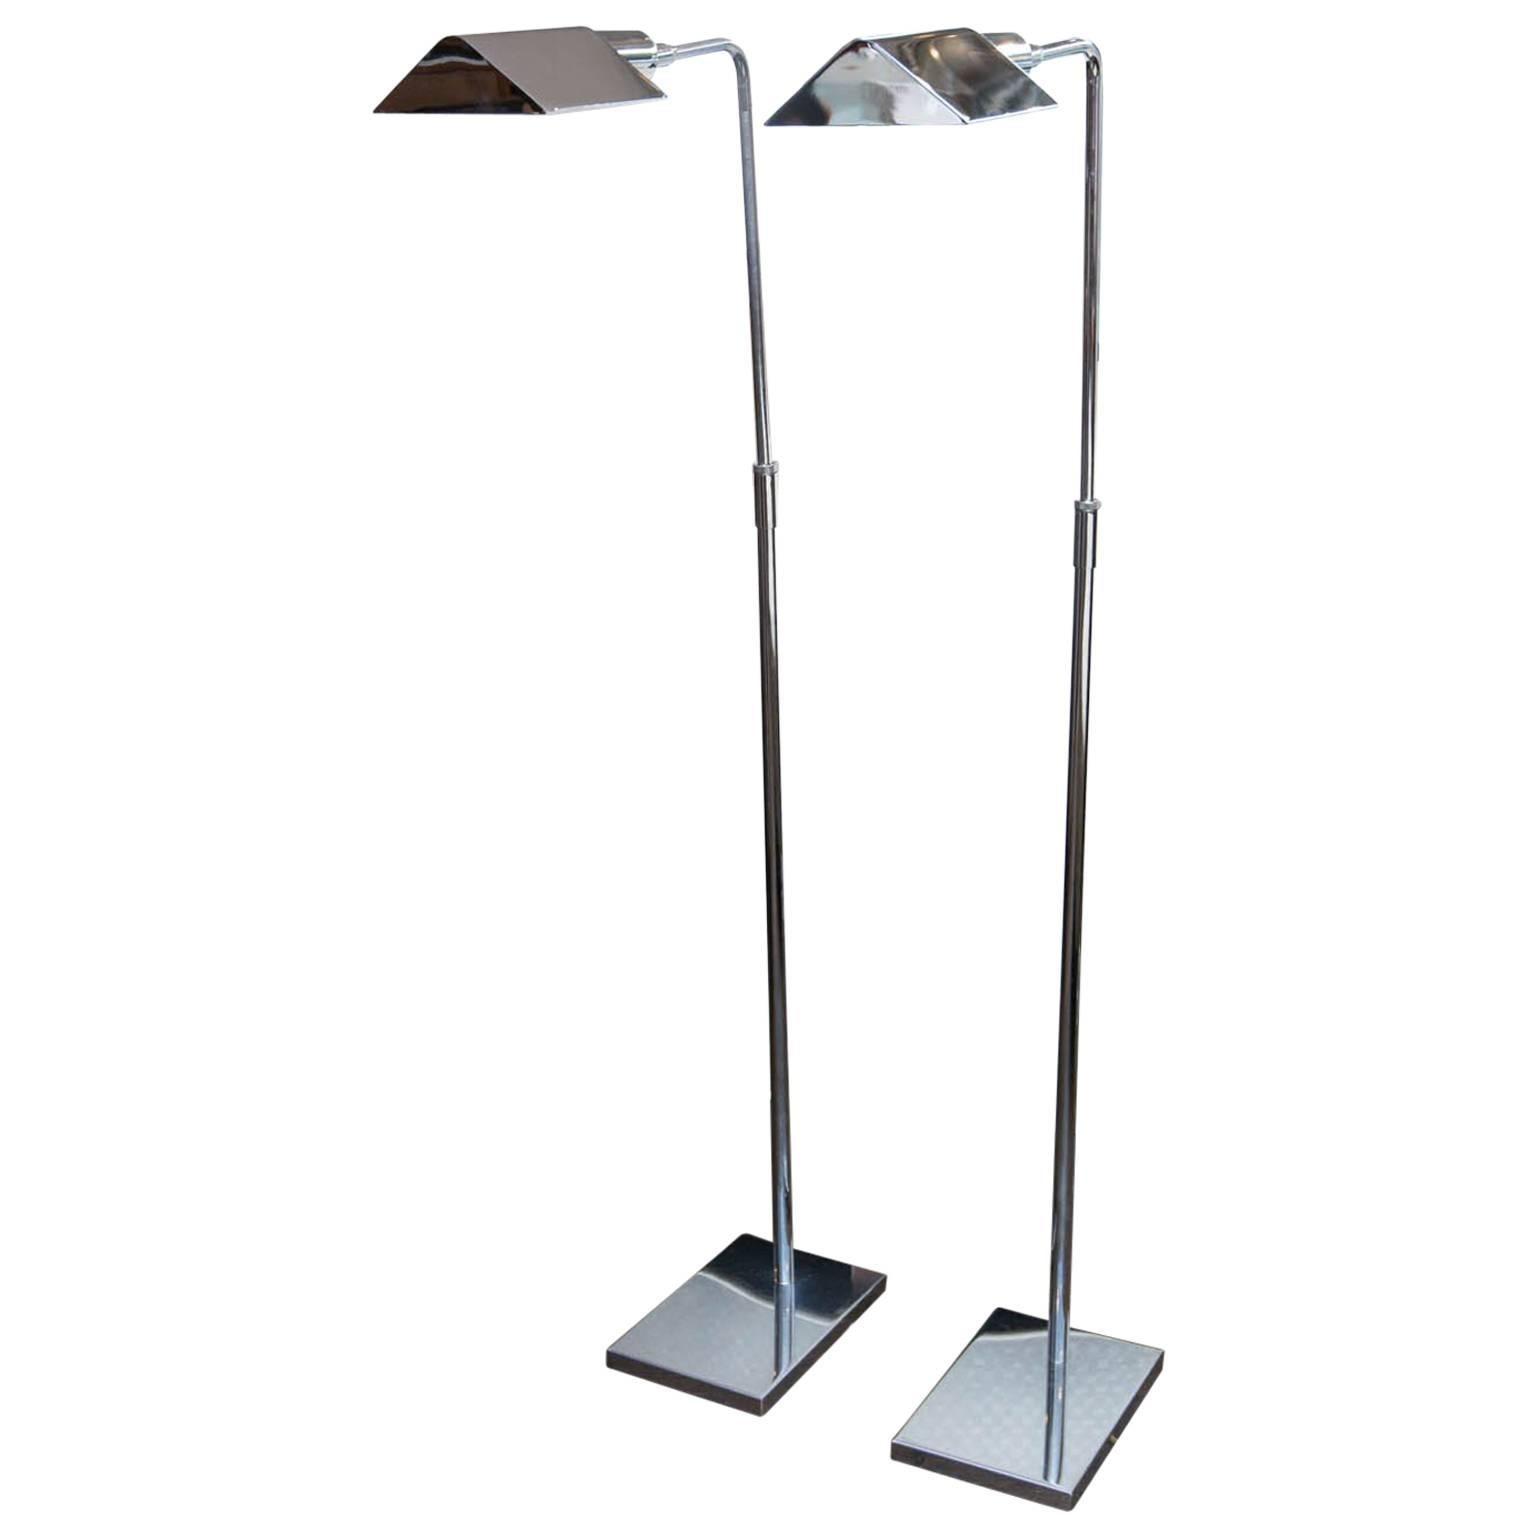 Pair Of Koch U0026 Lowy Chrome Adjustable Floor Lamps 1